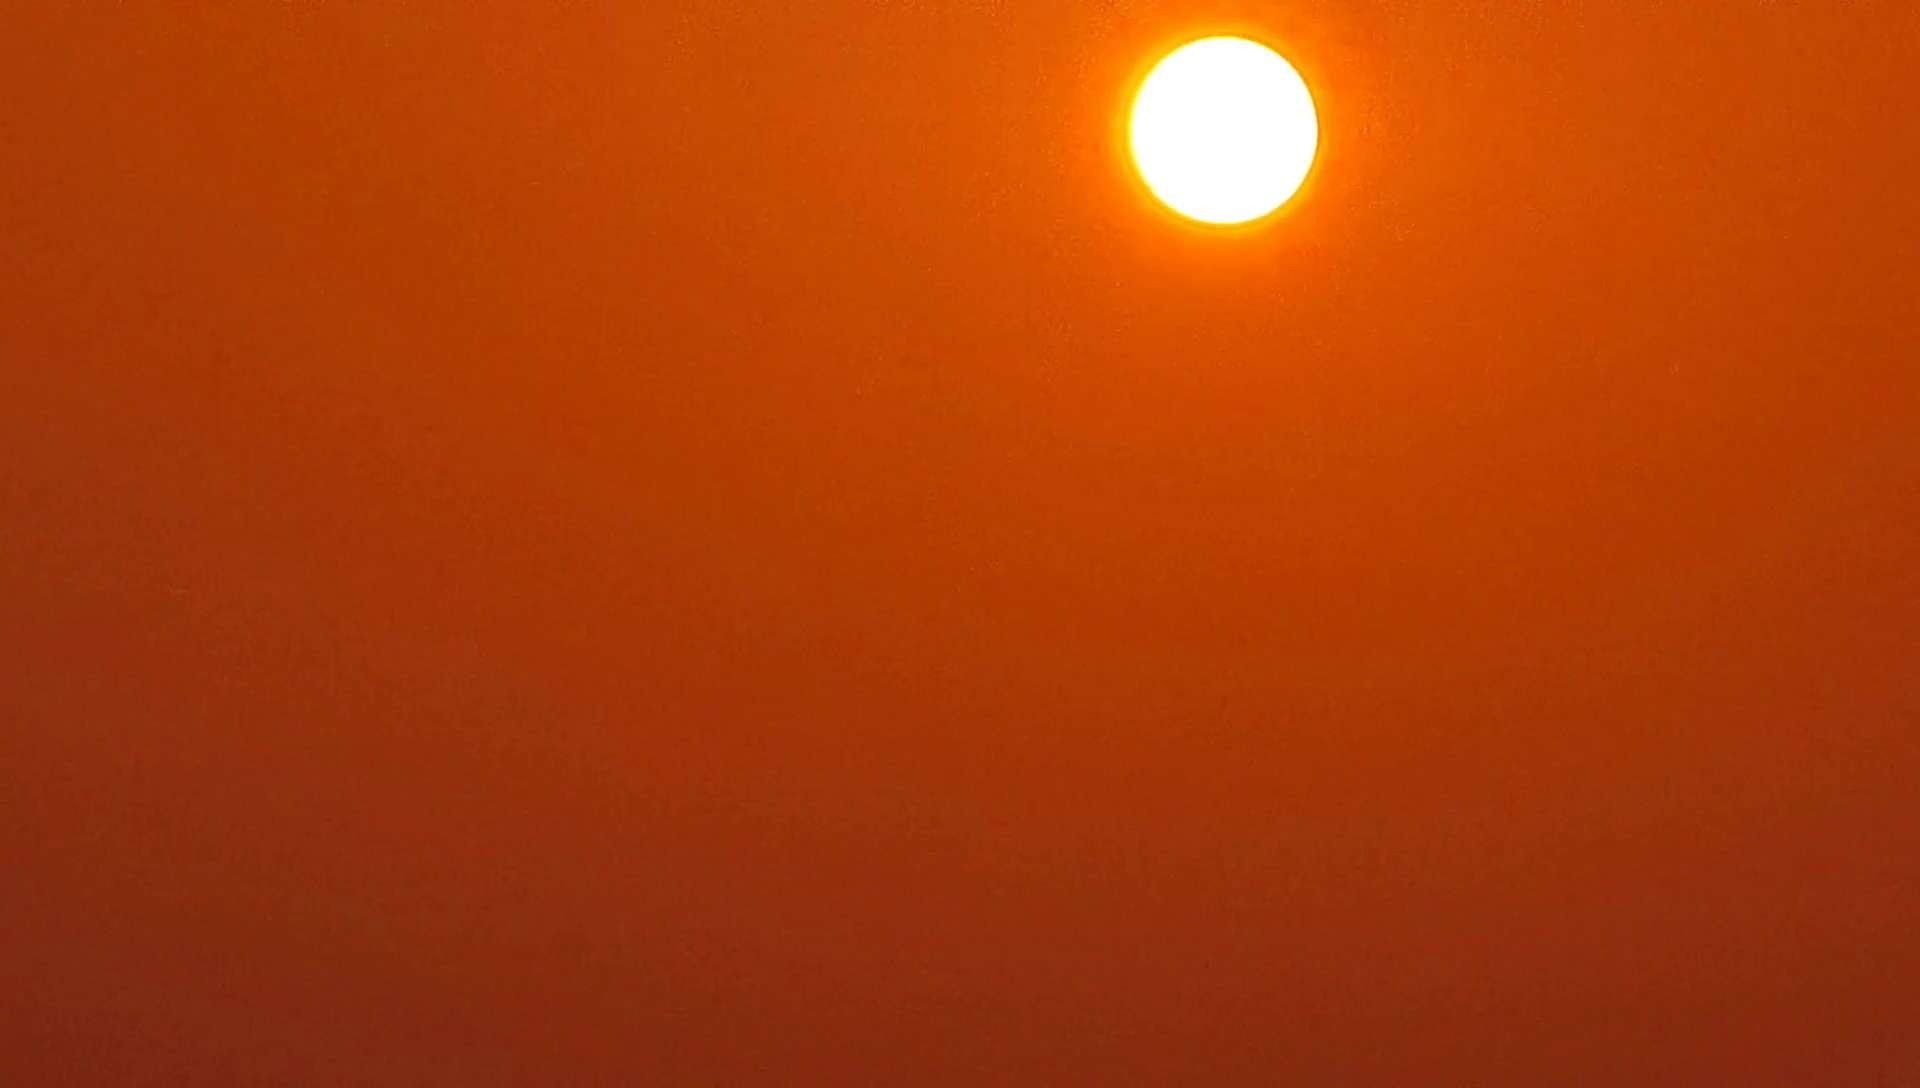 塔上瞰北京·雾霭中的日出|华为P40pro延时摄影,花粉随手拍-花粉俱乐部